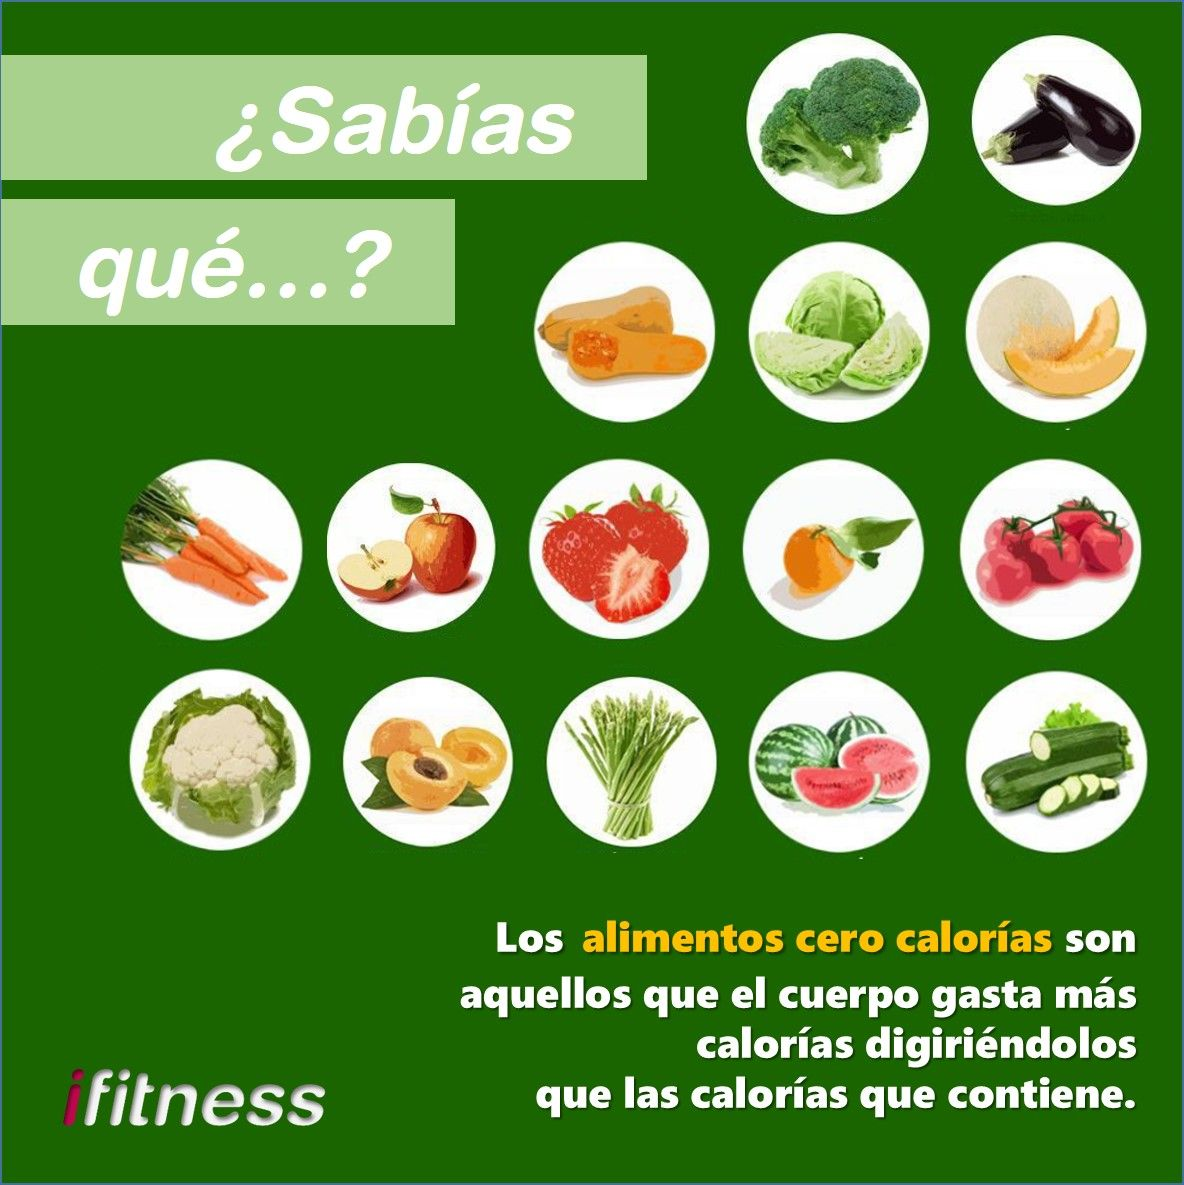 Sab as qu los alimentos cero calor as son aquellos que el cuerpo gasta m s calor as - Calorias que tienen los alimentos ...